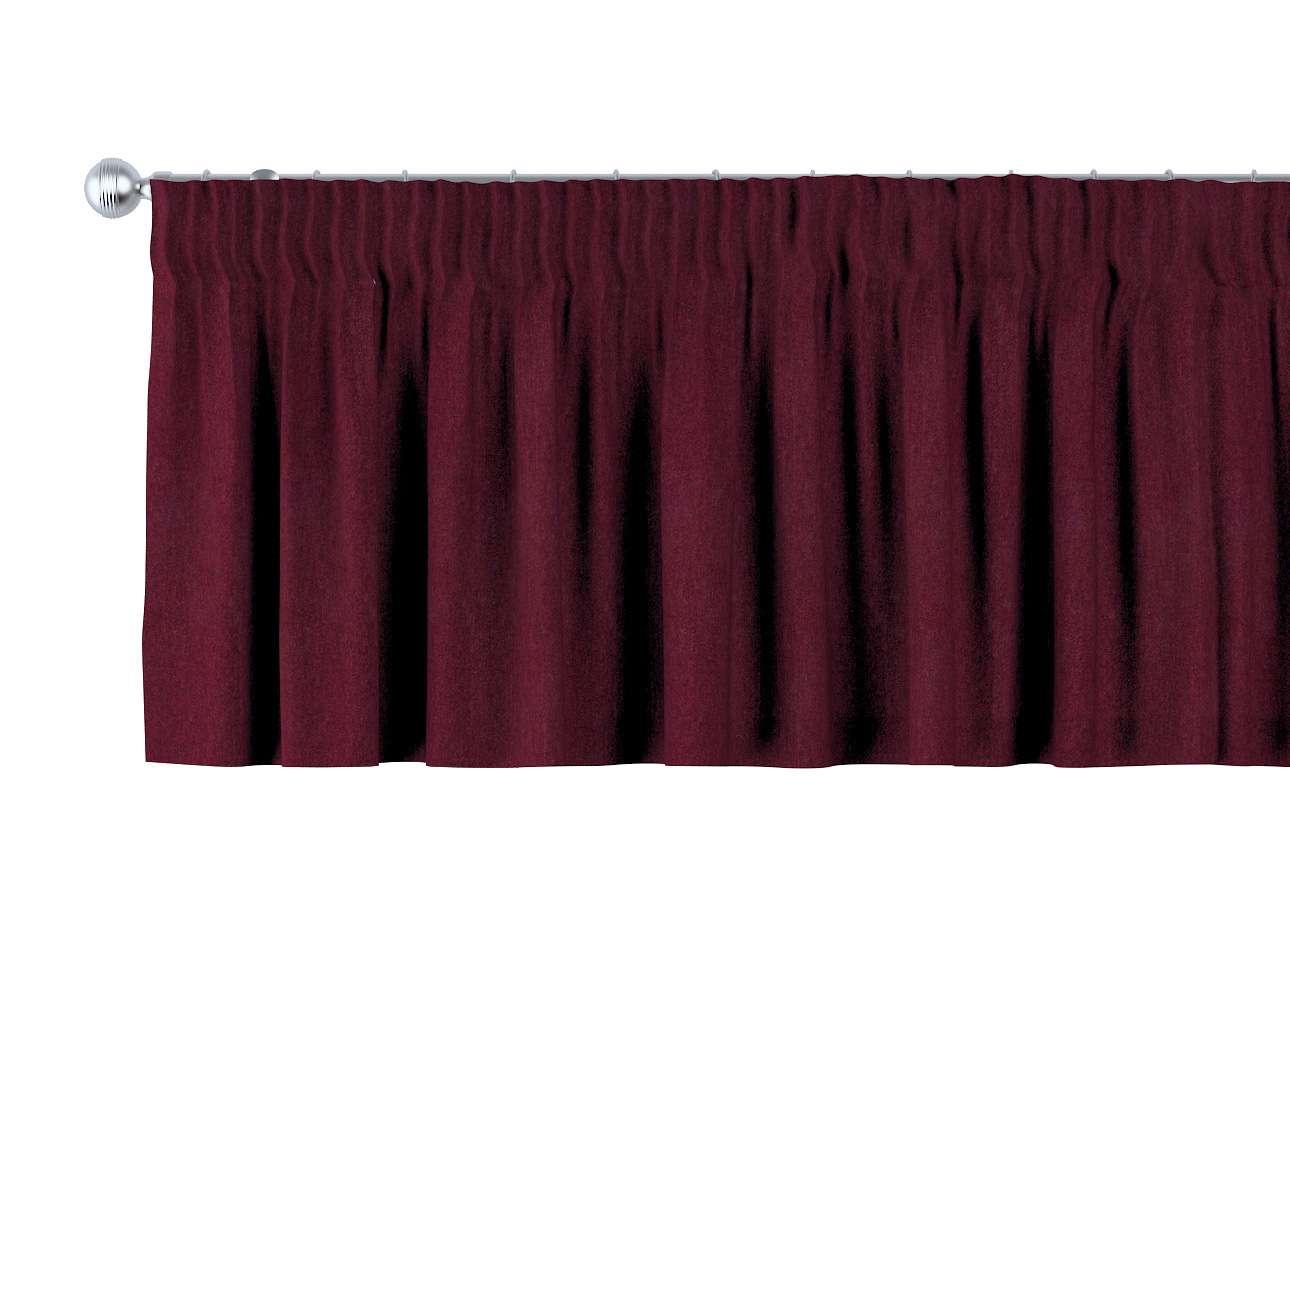 Gardinkappe med rynkebånd 130 x 40 cm fra kollektionen Chenille, Stof: 702-19